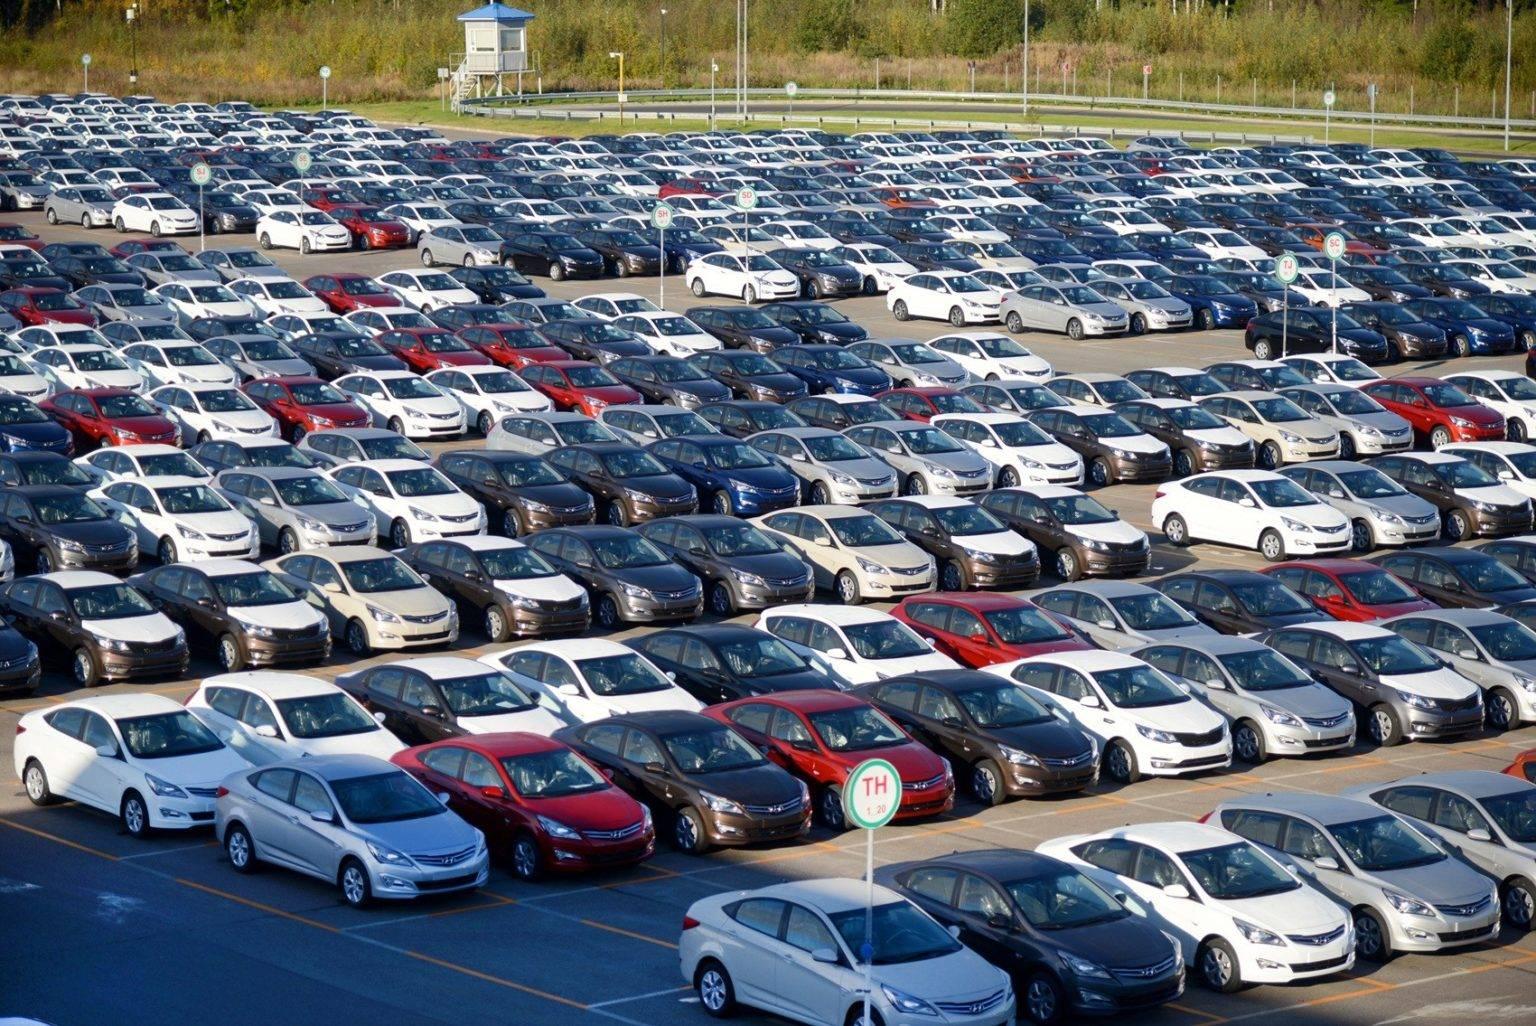 Автобазар в польше — как и где купить авто в польше в 2021 году